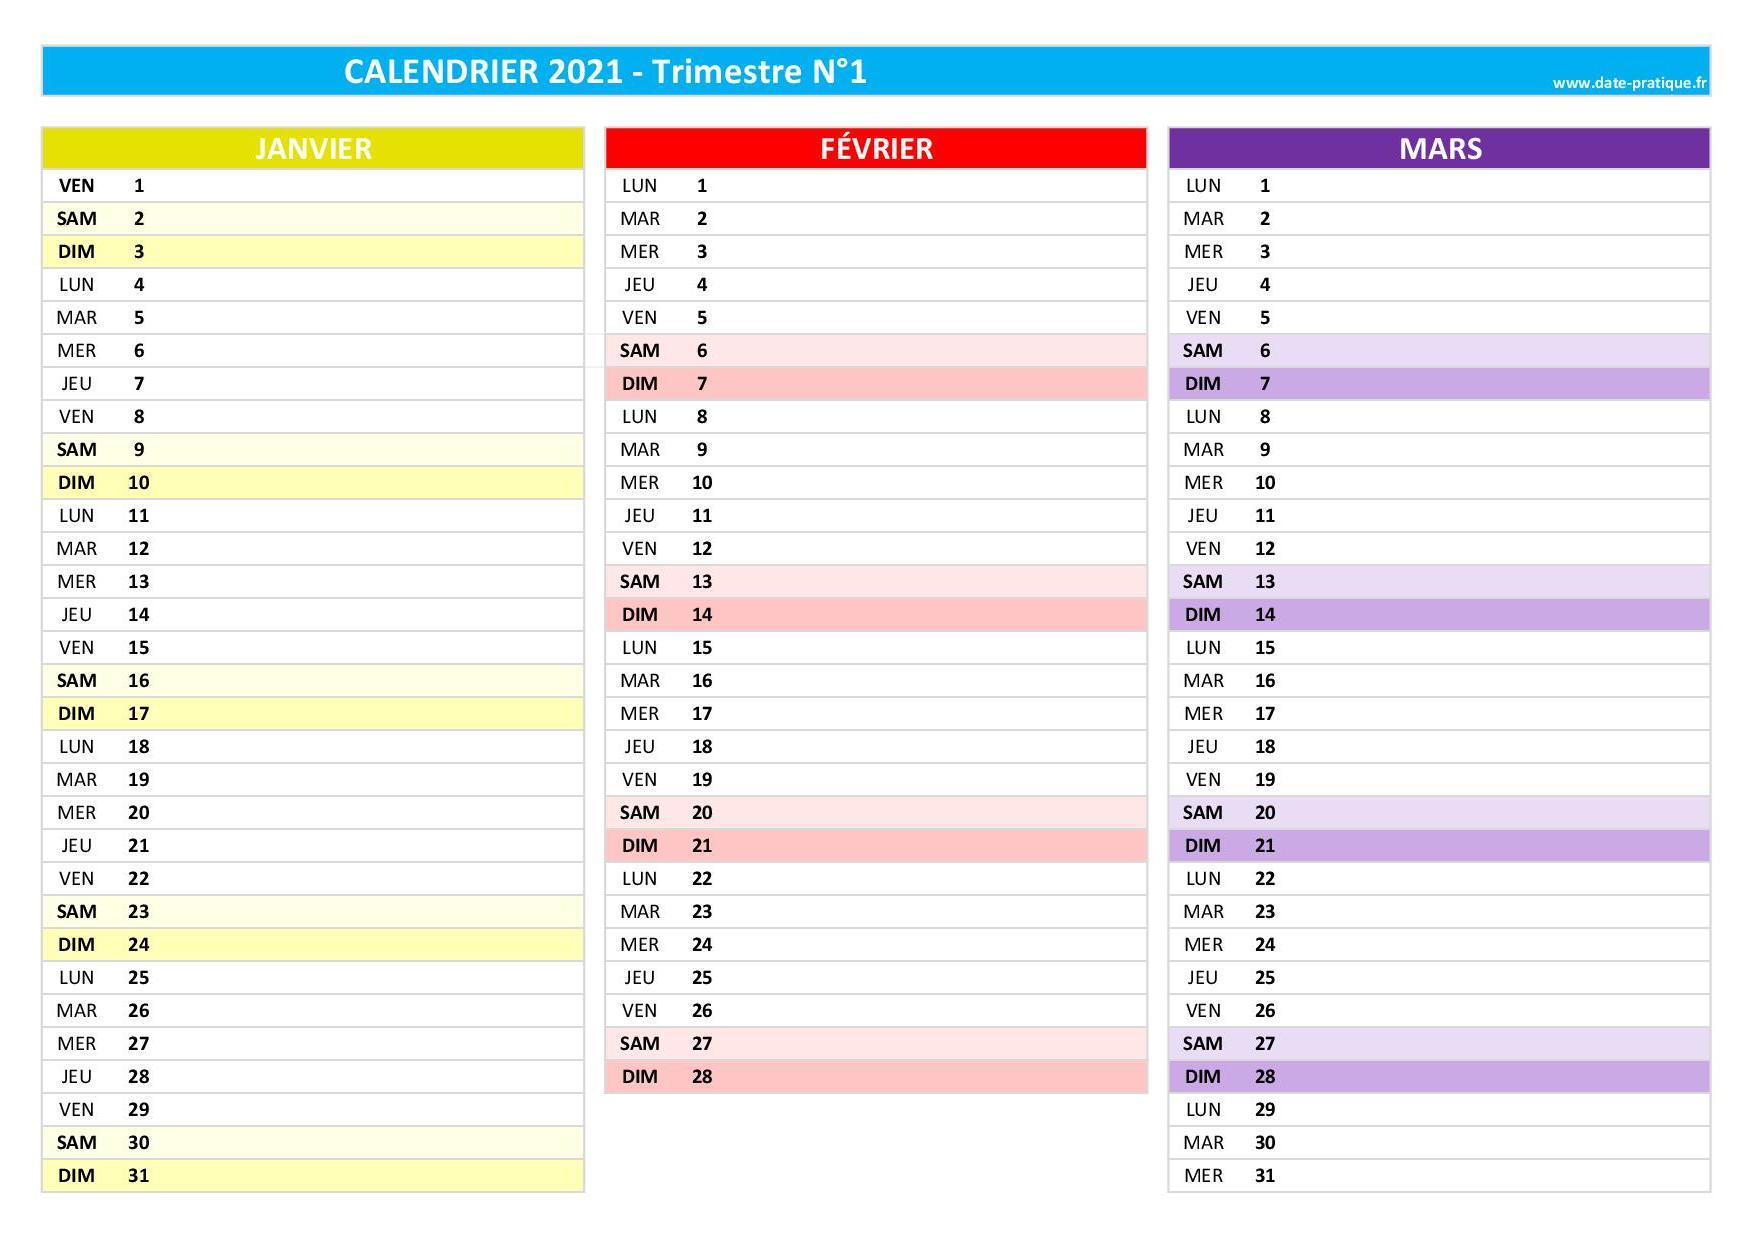 Calendrier 2022 Trimestriel Calendrier trimestriel 2021 à consulter, télécharger en pdf et